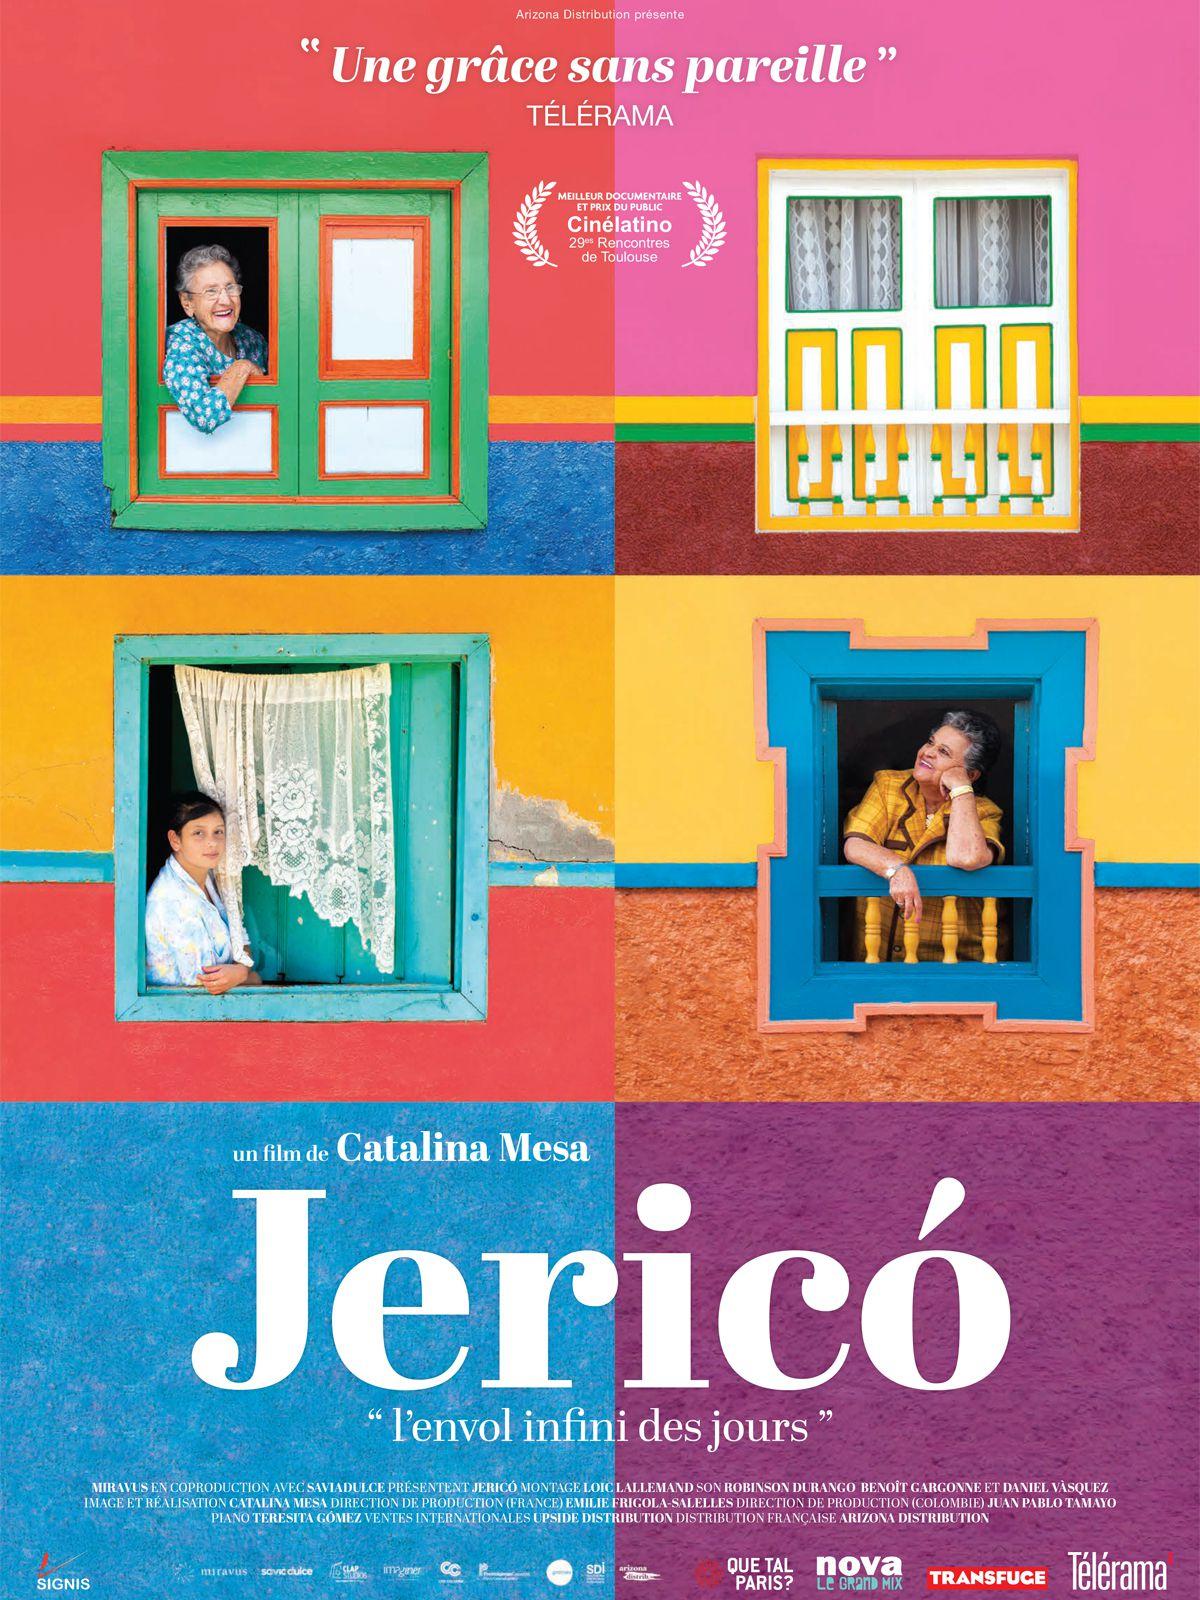 Jericó, le vol infini des jours - Documentaire (2018)